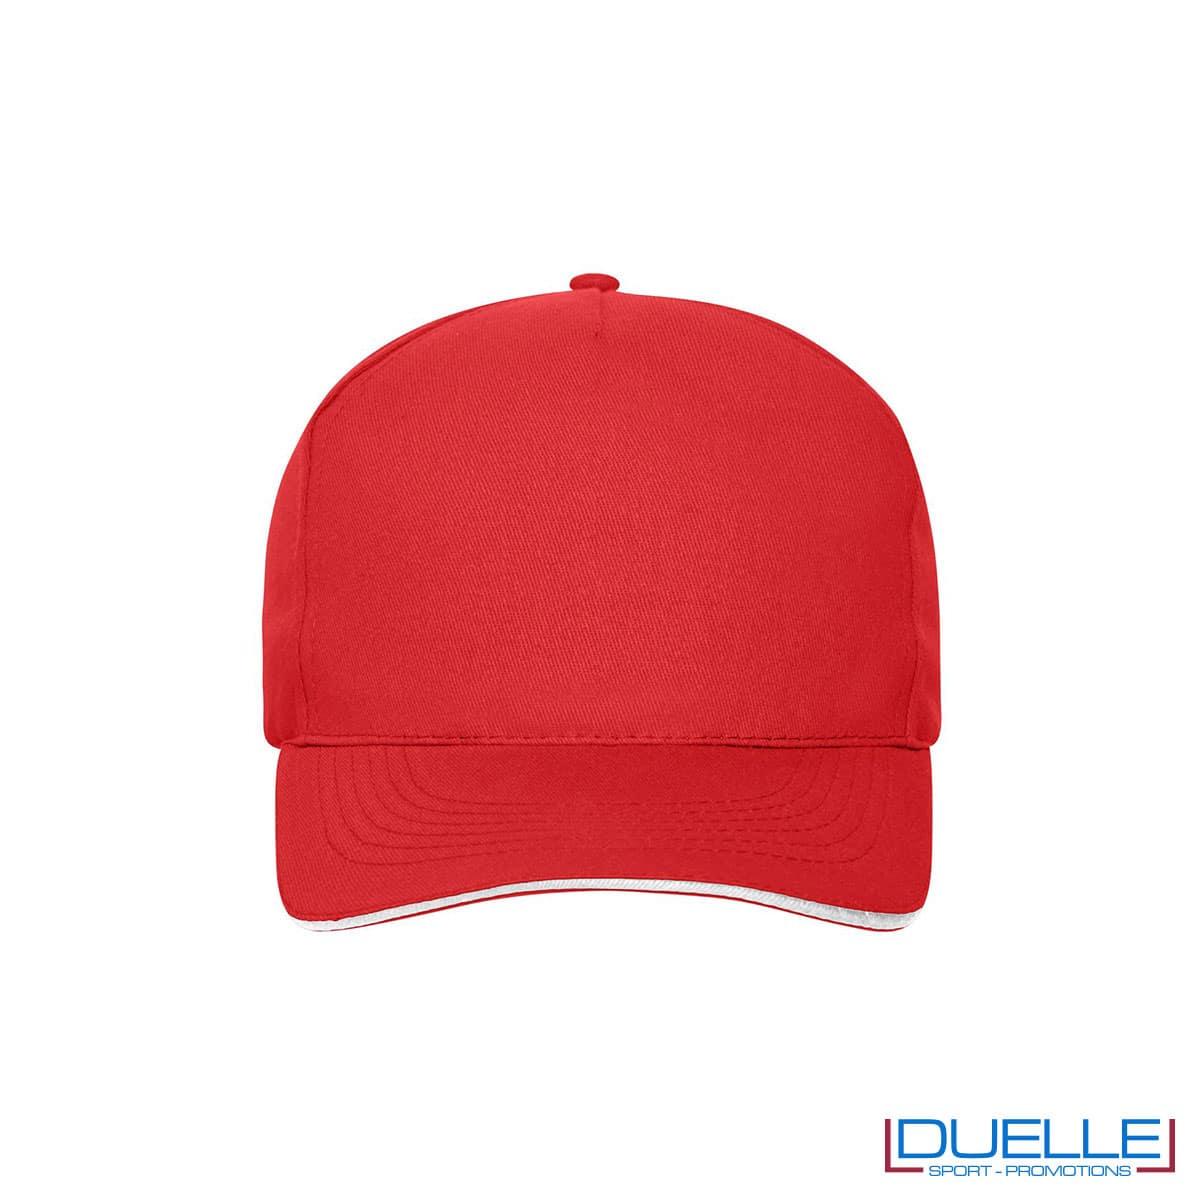 Cappello 100% cotone organico 5 pannelli colore rosso personalizzato